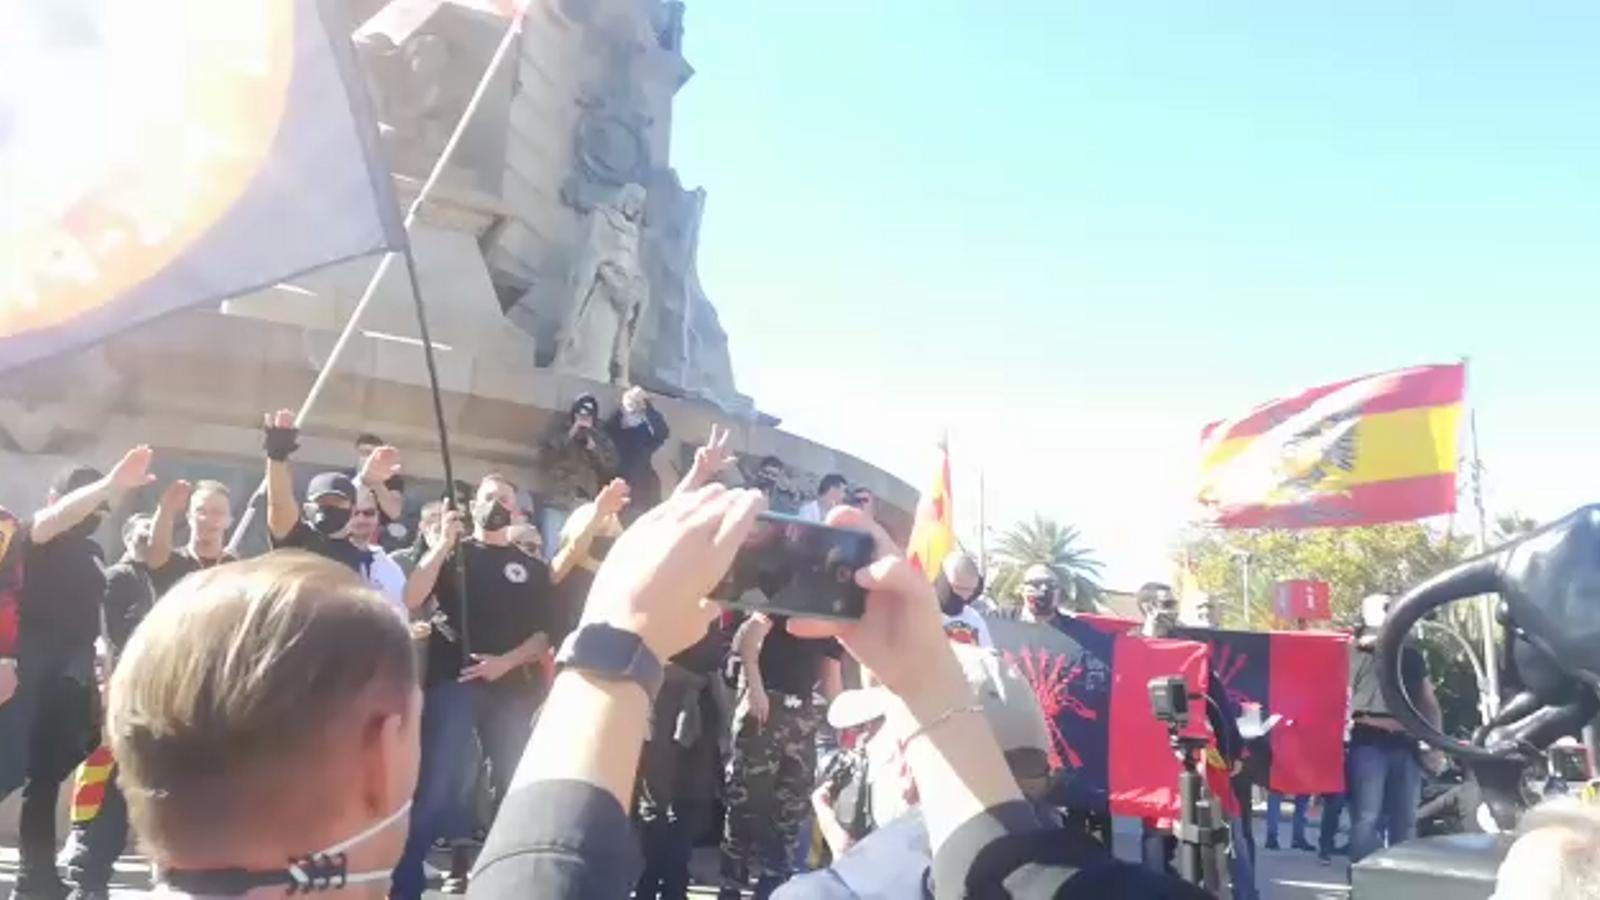 L'extrema dreta crema estelades i fotografies de Puigdemont a l'estàtua de Colom